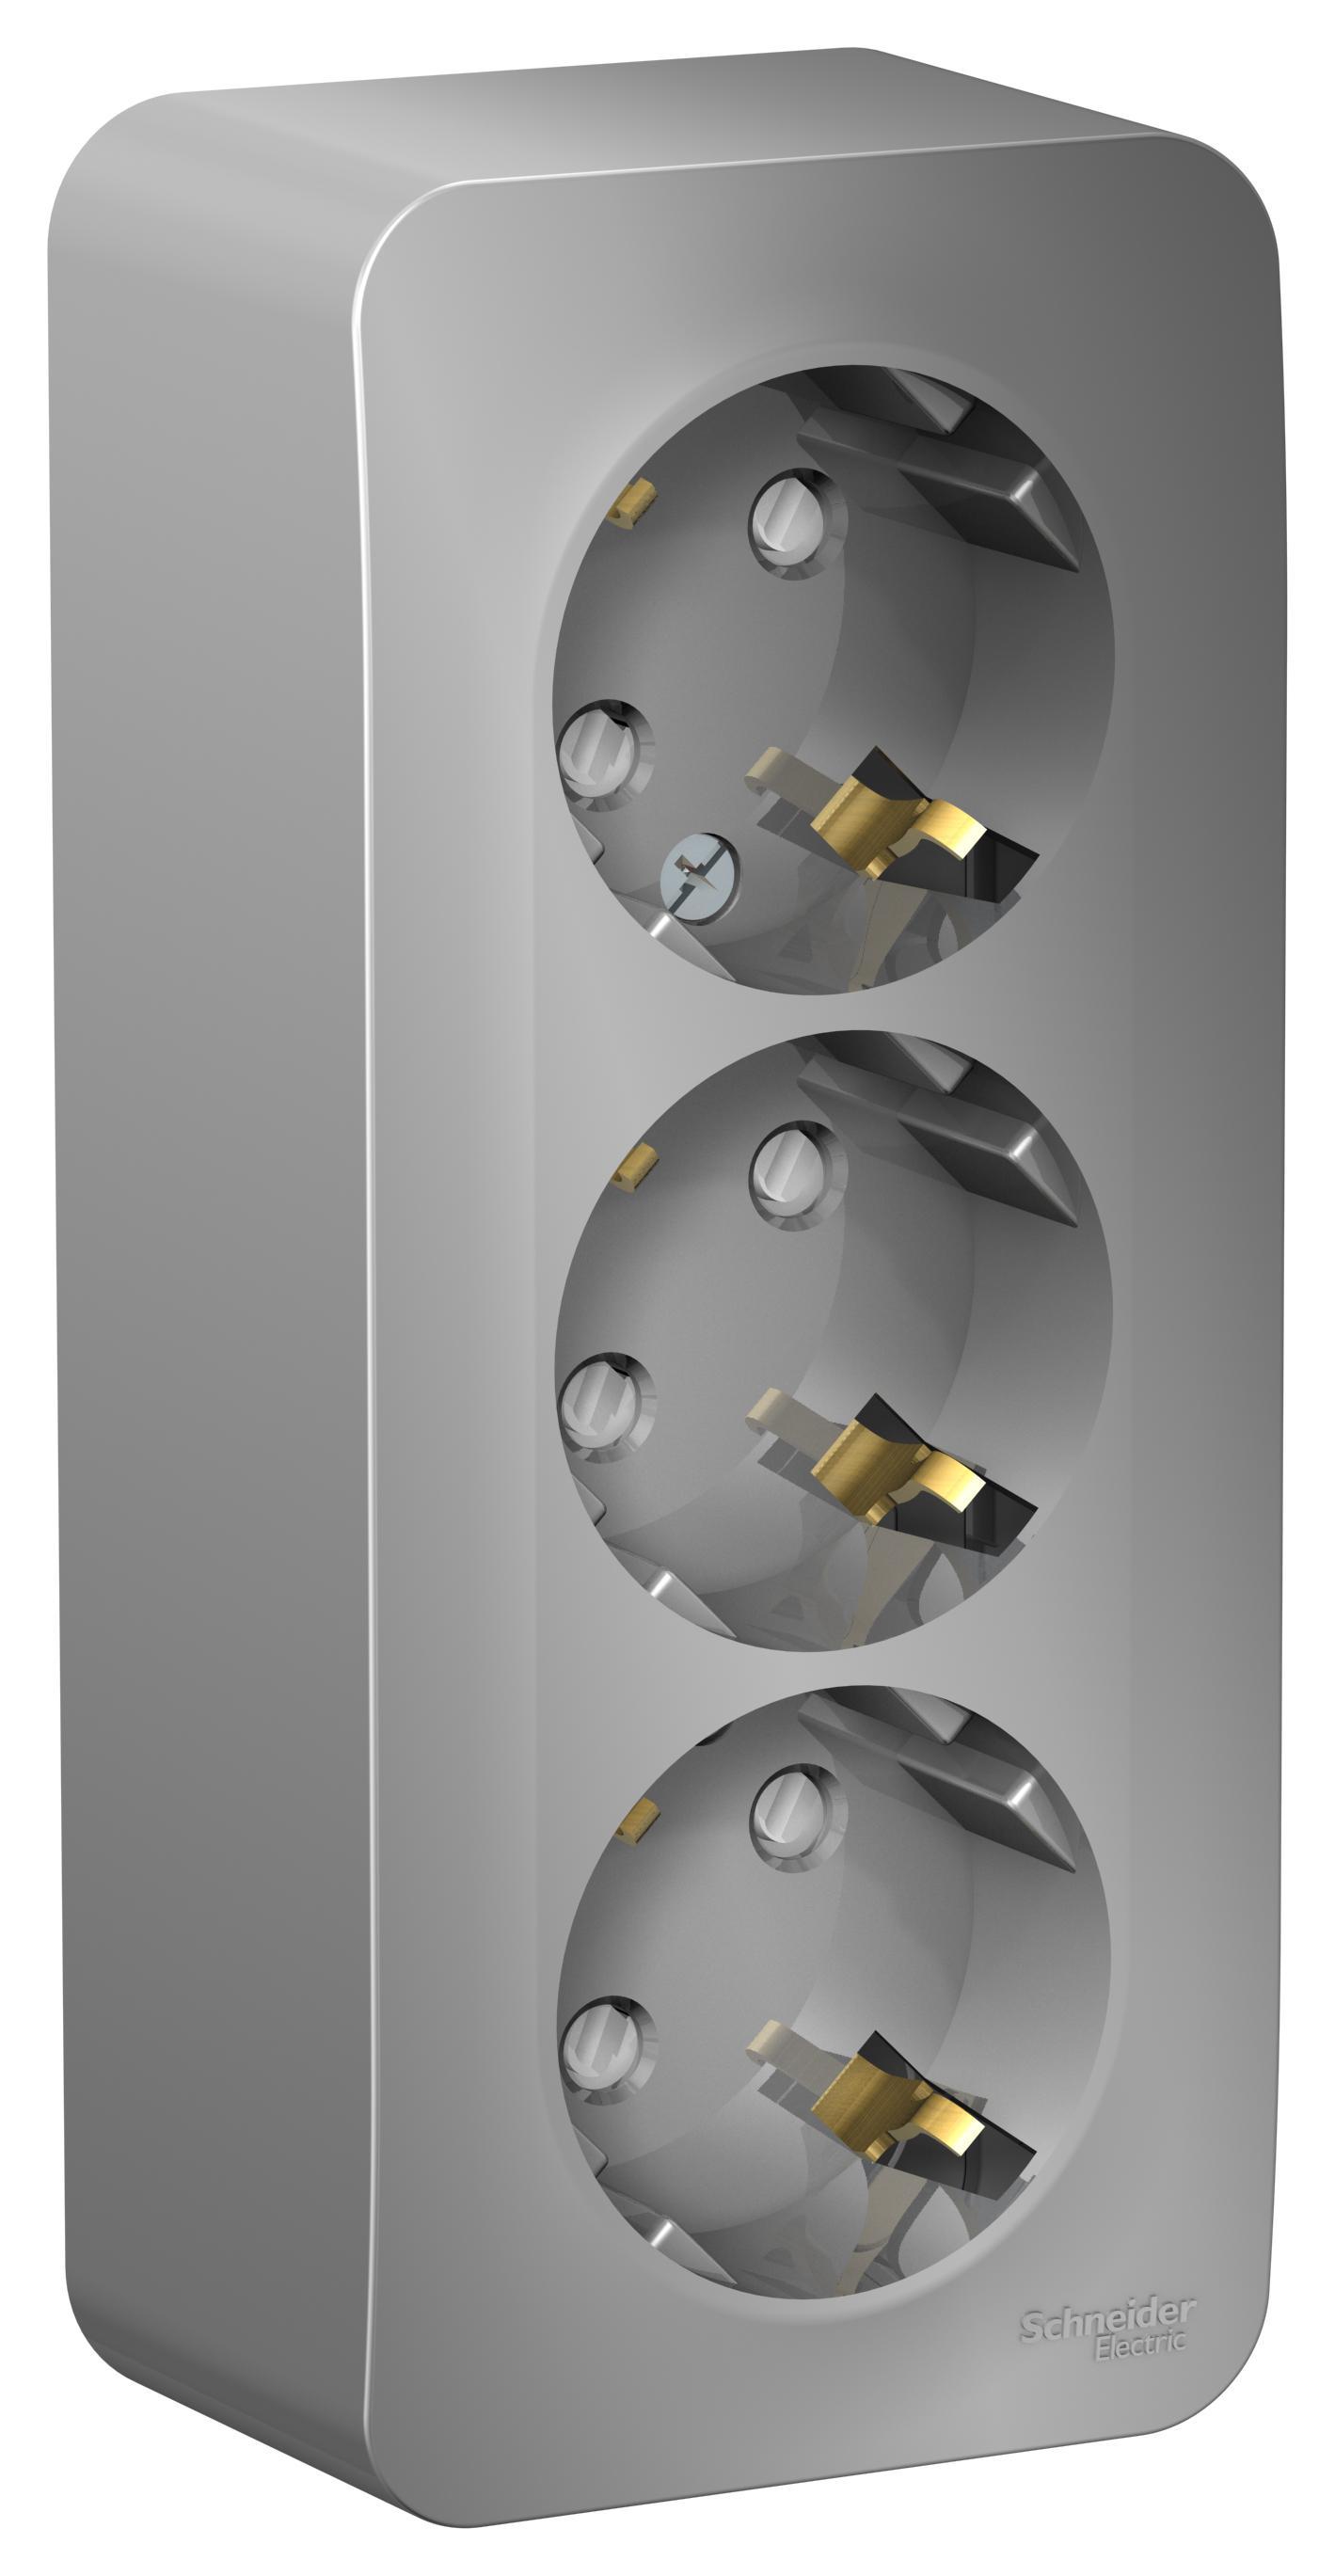 Розетка Schneider electric Blnra011313 blanca цена в Москве и Питере